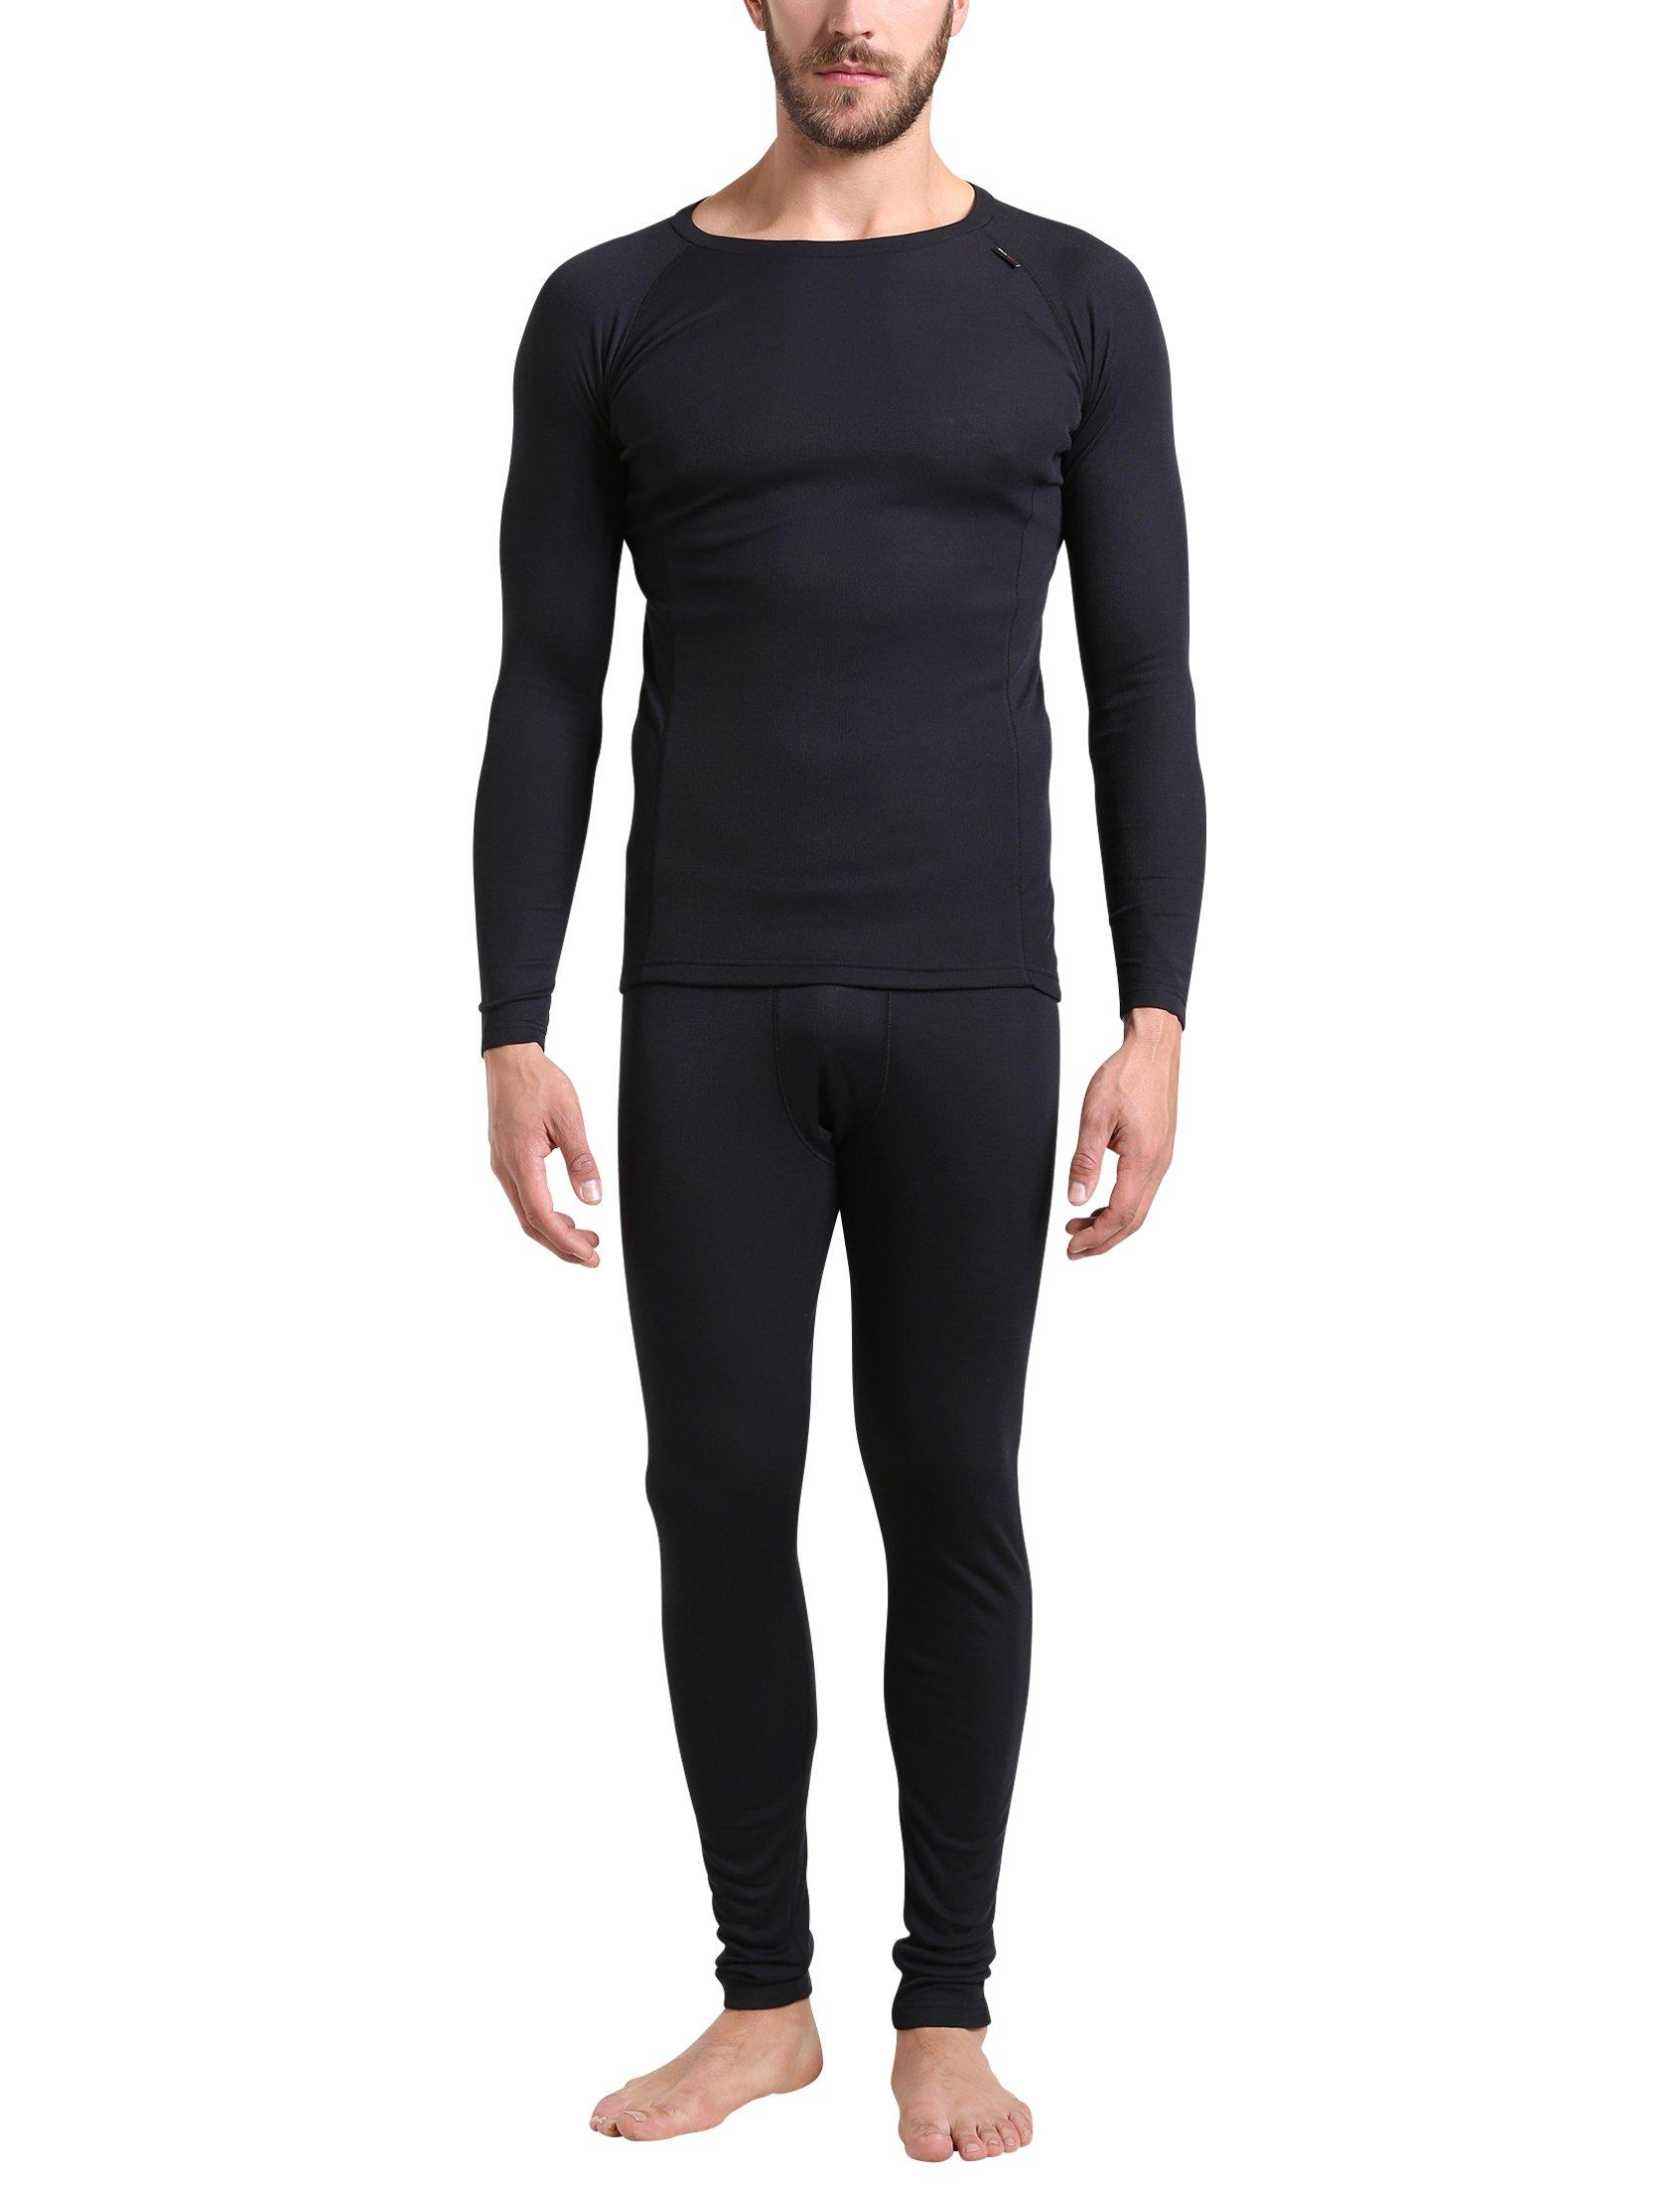 Ultrasport Ensemble de sous-Vêtements Thermiques pour Homme - Maillot de Corps Thermique - Caleçon Long Thermique - sous-Vêtements Thermiques pour Homme product image